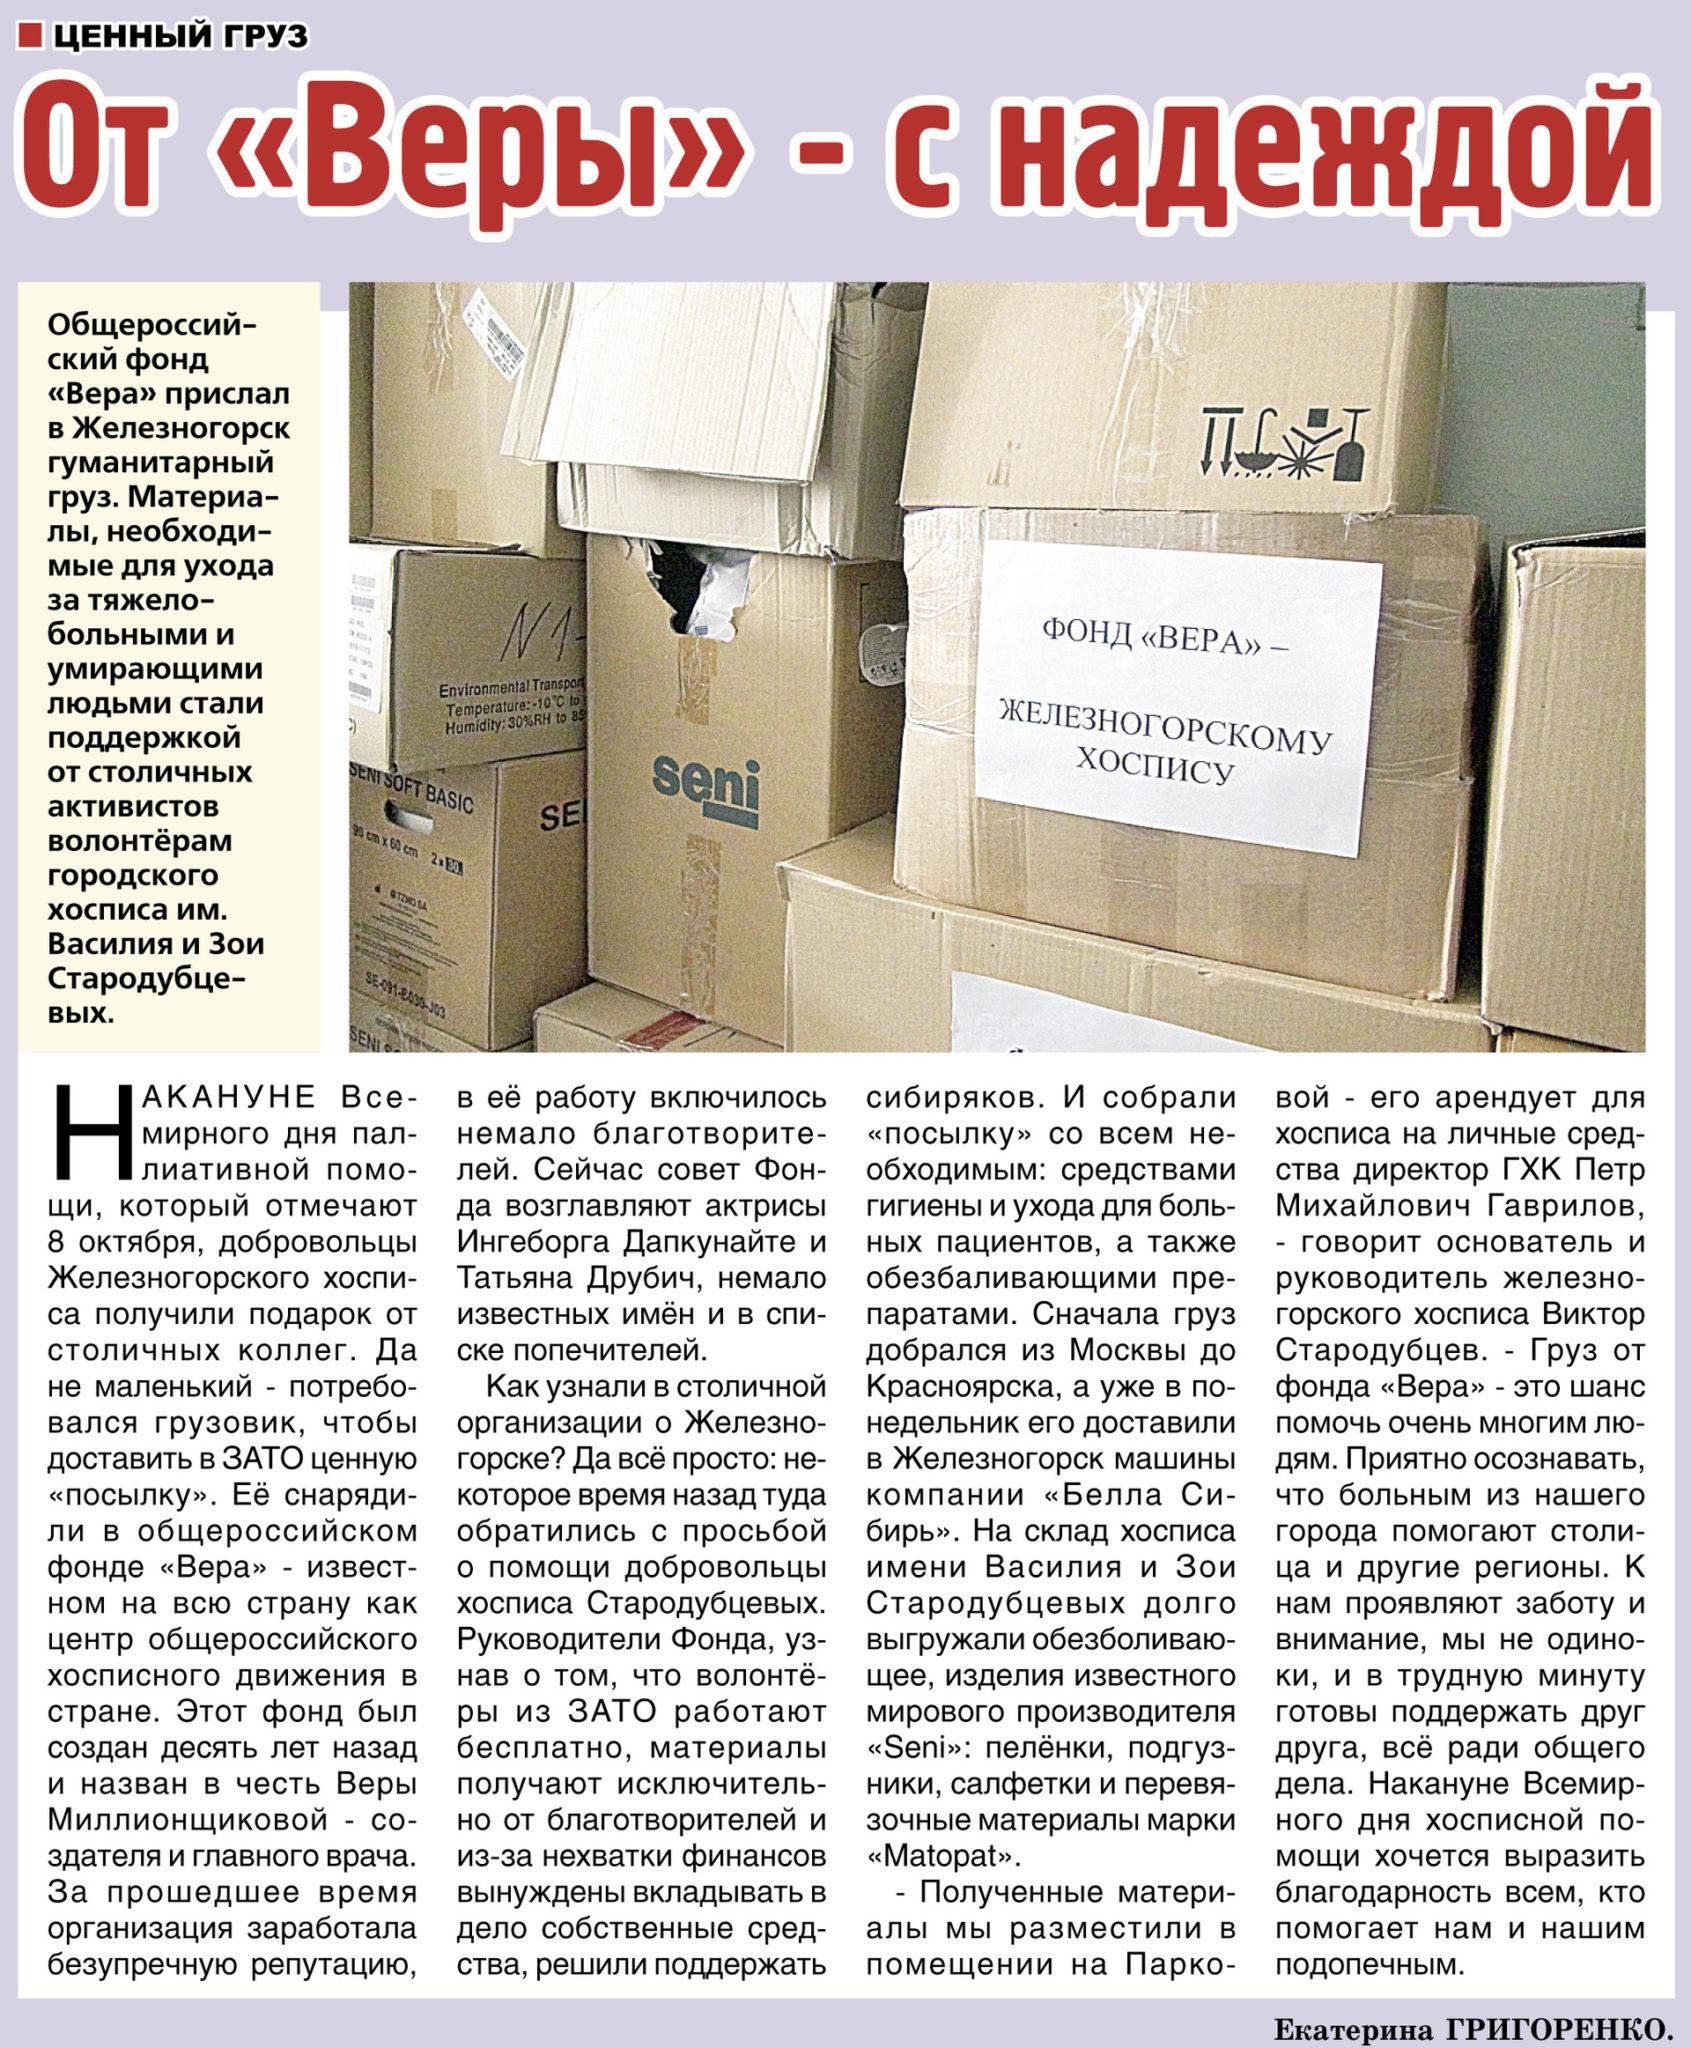 «Сегодняшняя газета 26» от 06.10.2016